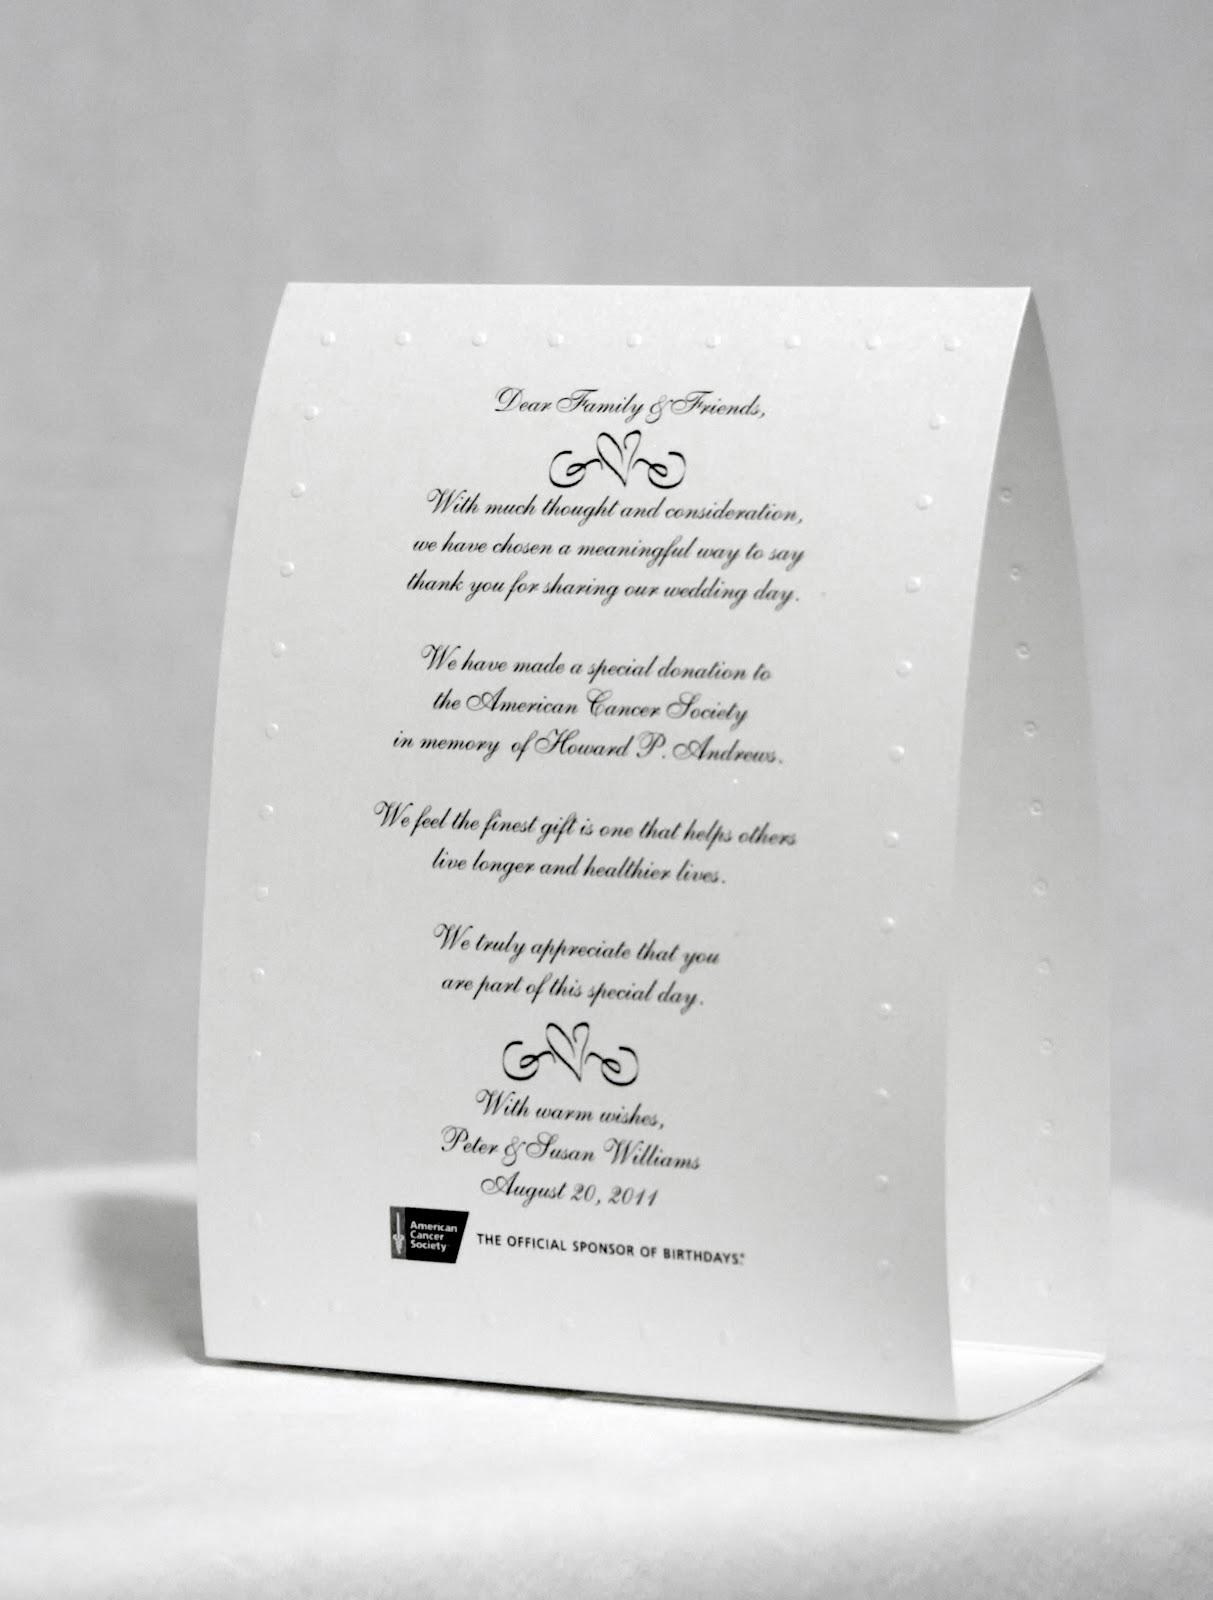 Bridal Bubbly American Cancer Society Wedding Scrolls